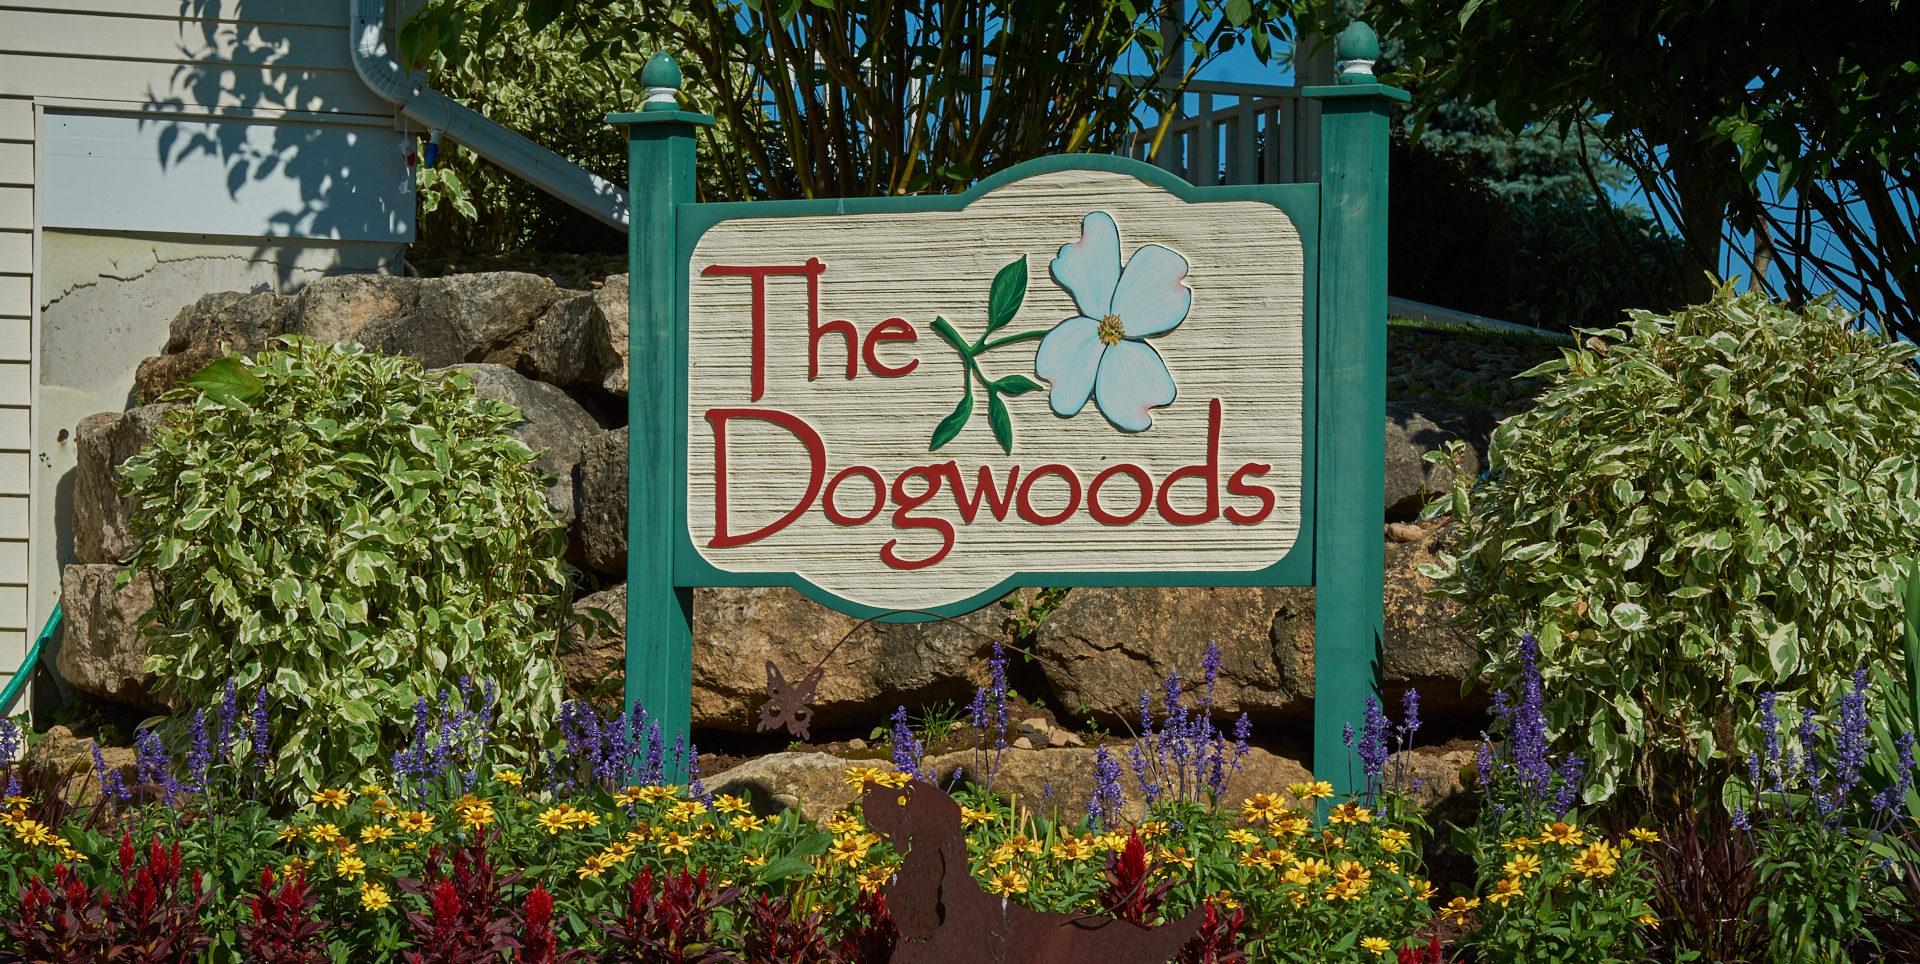 Dogwoods Logo At The Dogwoods Mount Horeb, WI